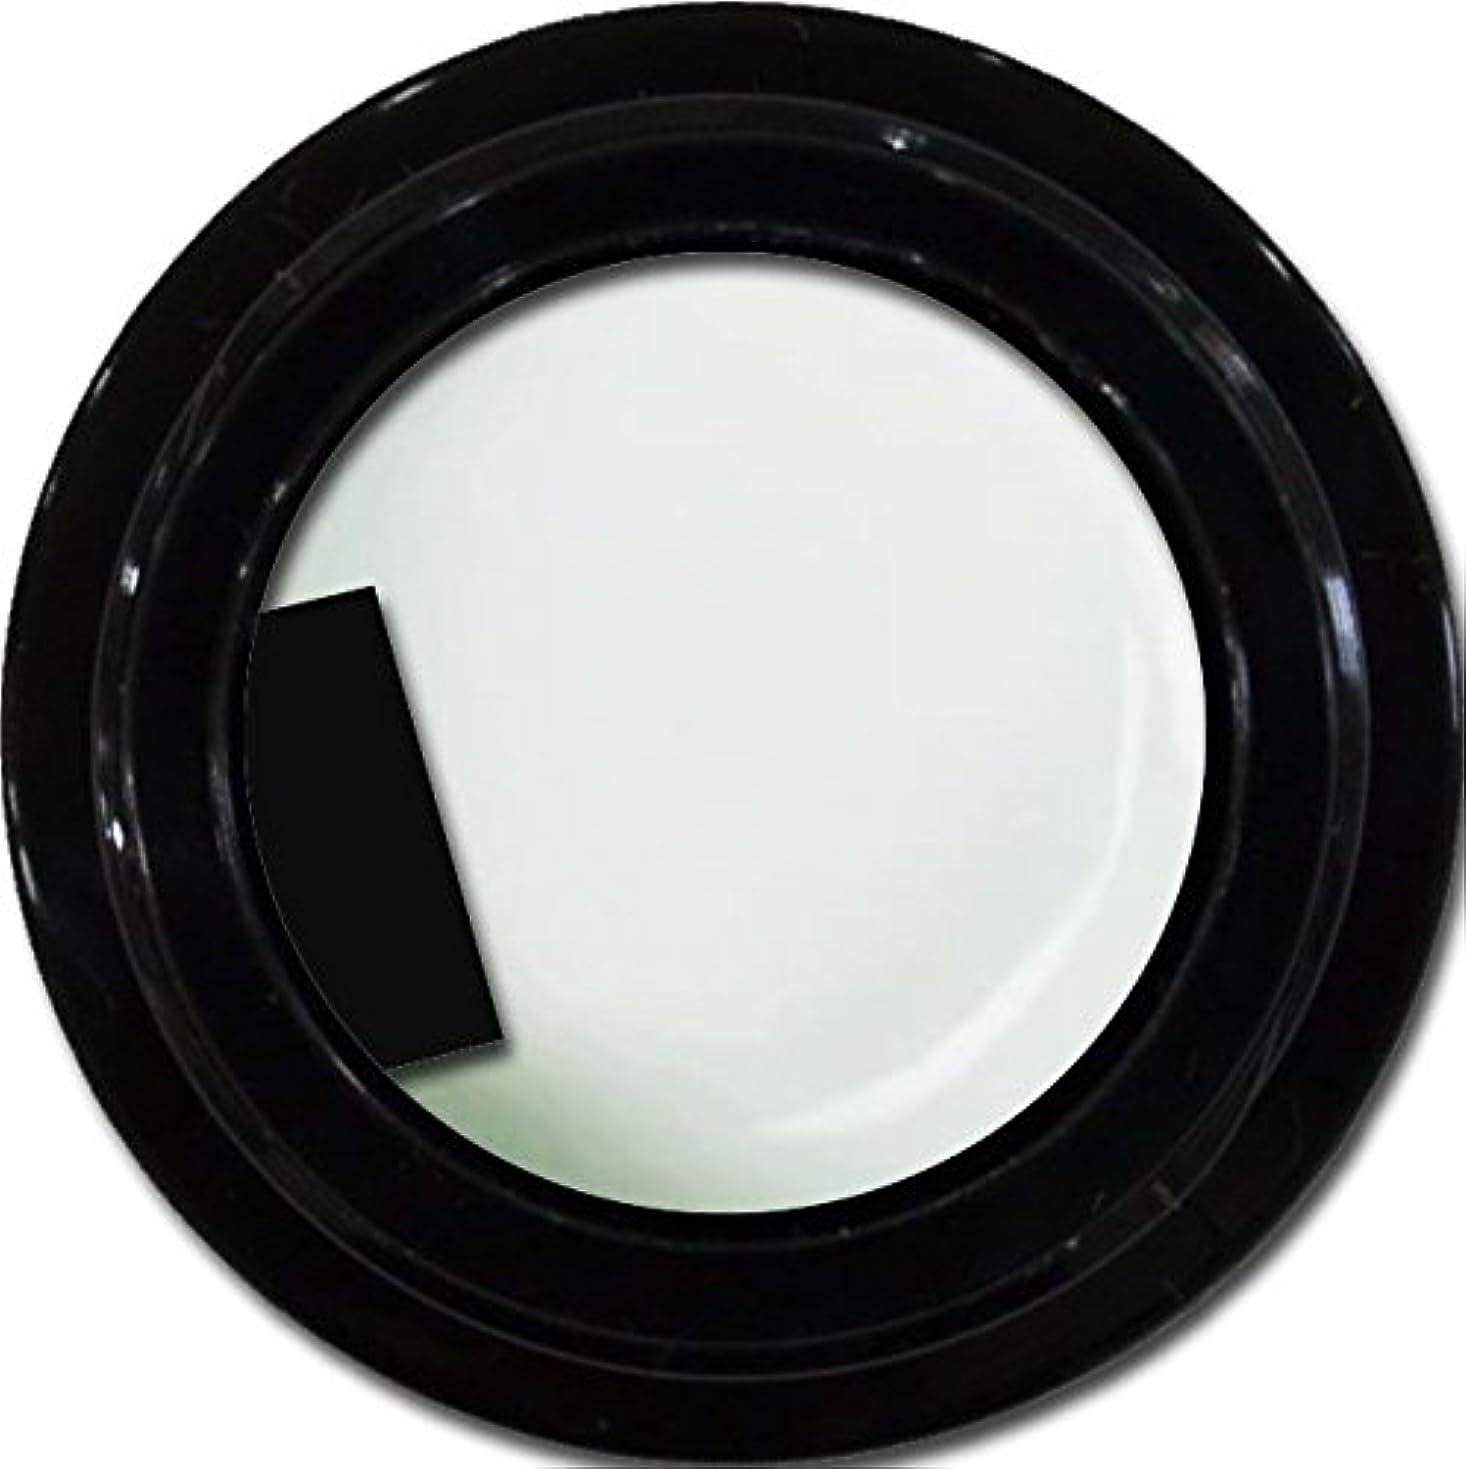 応援する露骨な運ぶカラージェル enchant gel color gel S001 sheer White 3g/ エンチャントジェル カラージェル S001シアーホワイト 3グラム